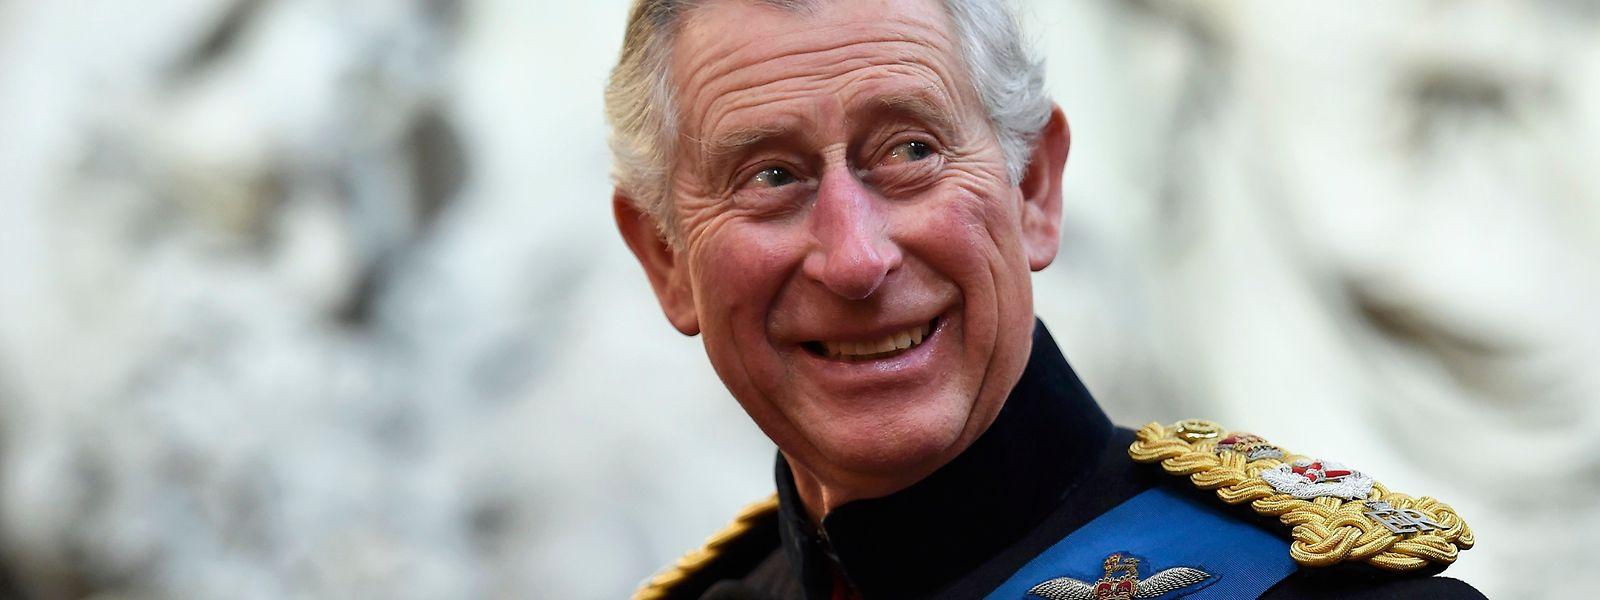 Die Ansichten von Prinz Charles wurden früher als schrullig betrachtet. Heute zeigt sich: Der britische Thronfolger hatte in vielem recht.